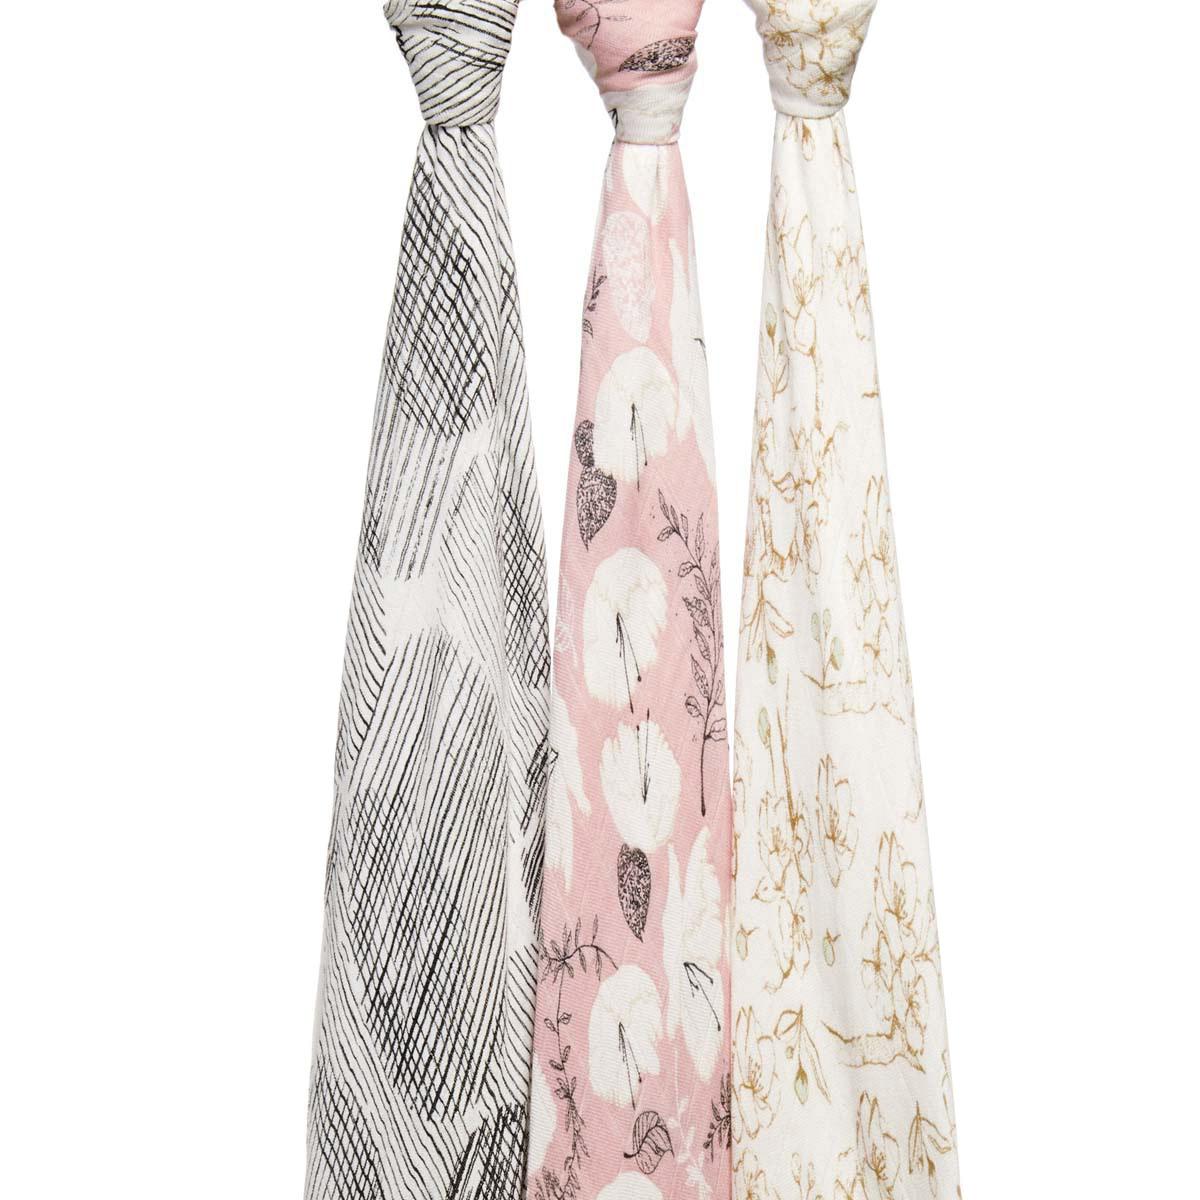 Lange Coffret de 3 Maxi-Langes Silky Soft - Pretty Petals Coffret de 3 Maxi-Langes Silky Soft - Pretty Petals